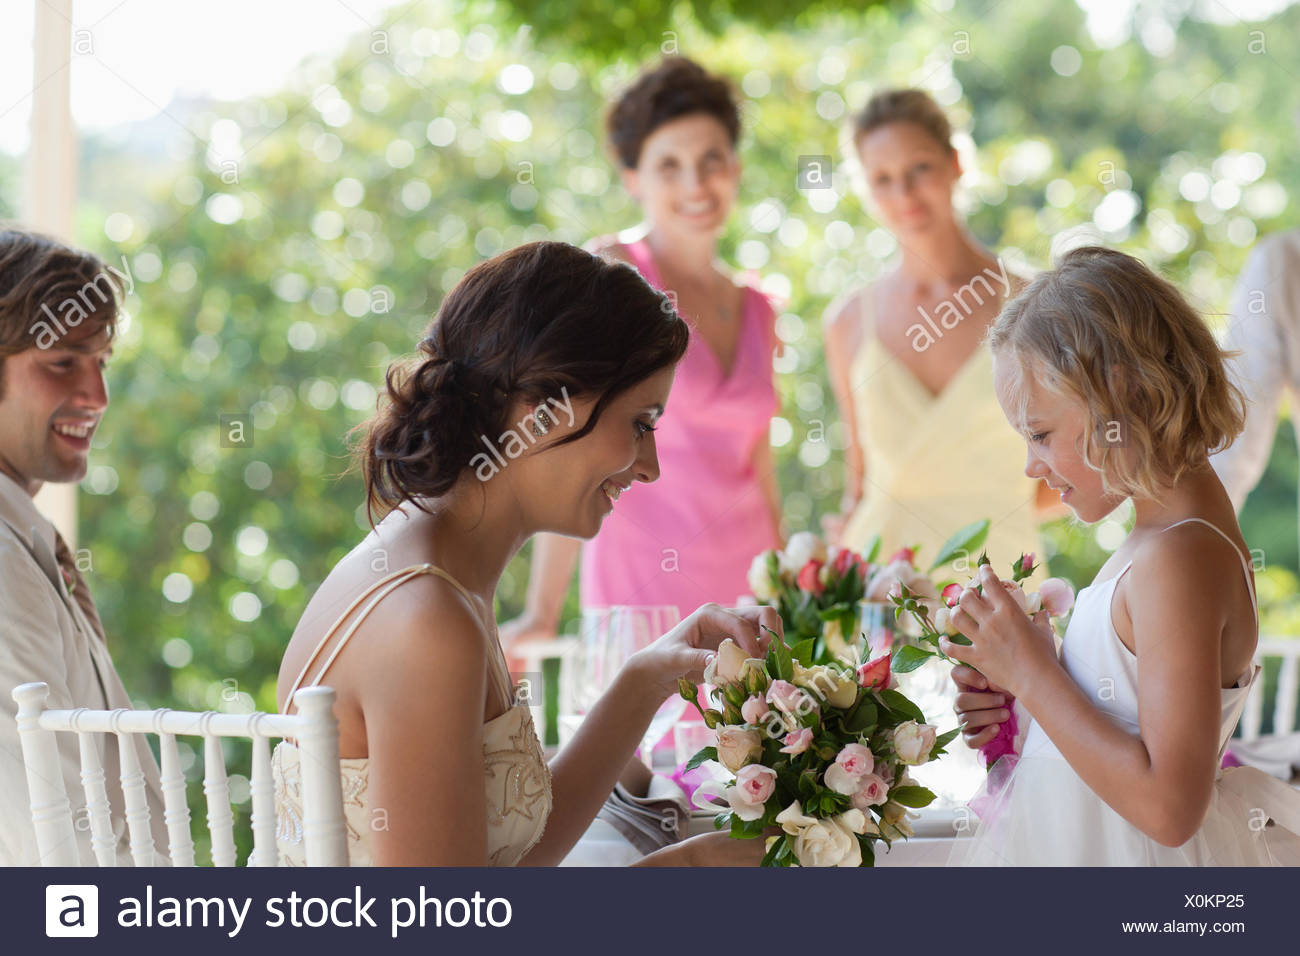 Family celebrating at wedding reception - Stock Image